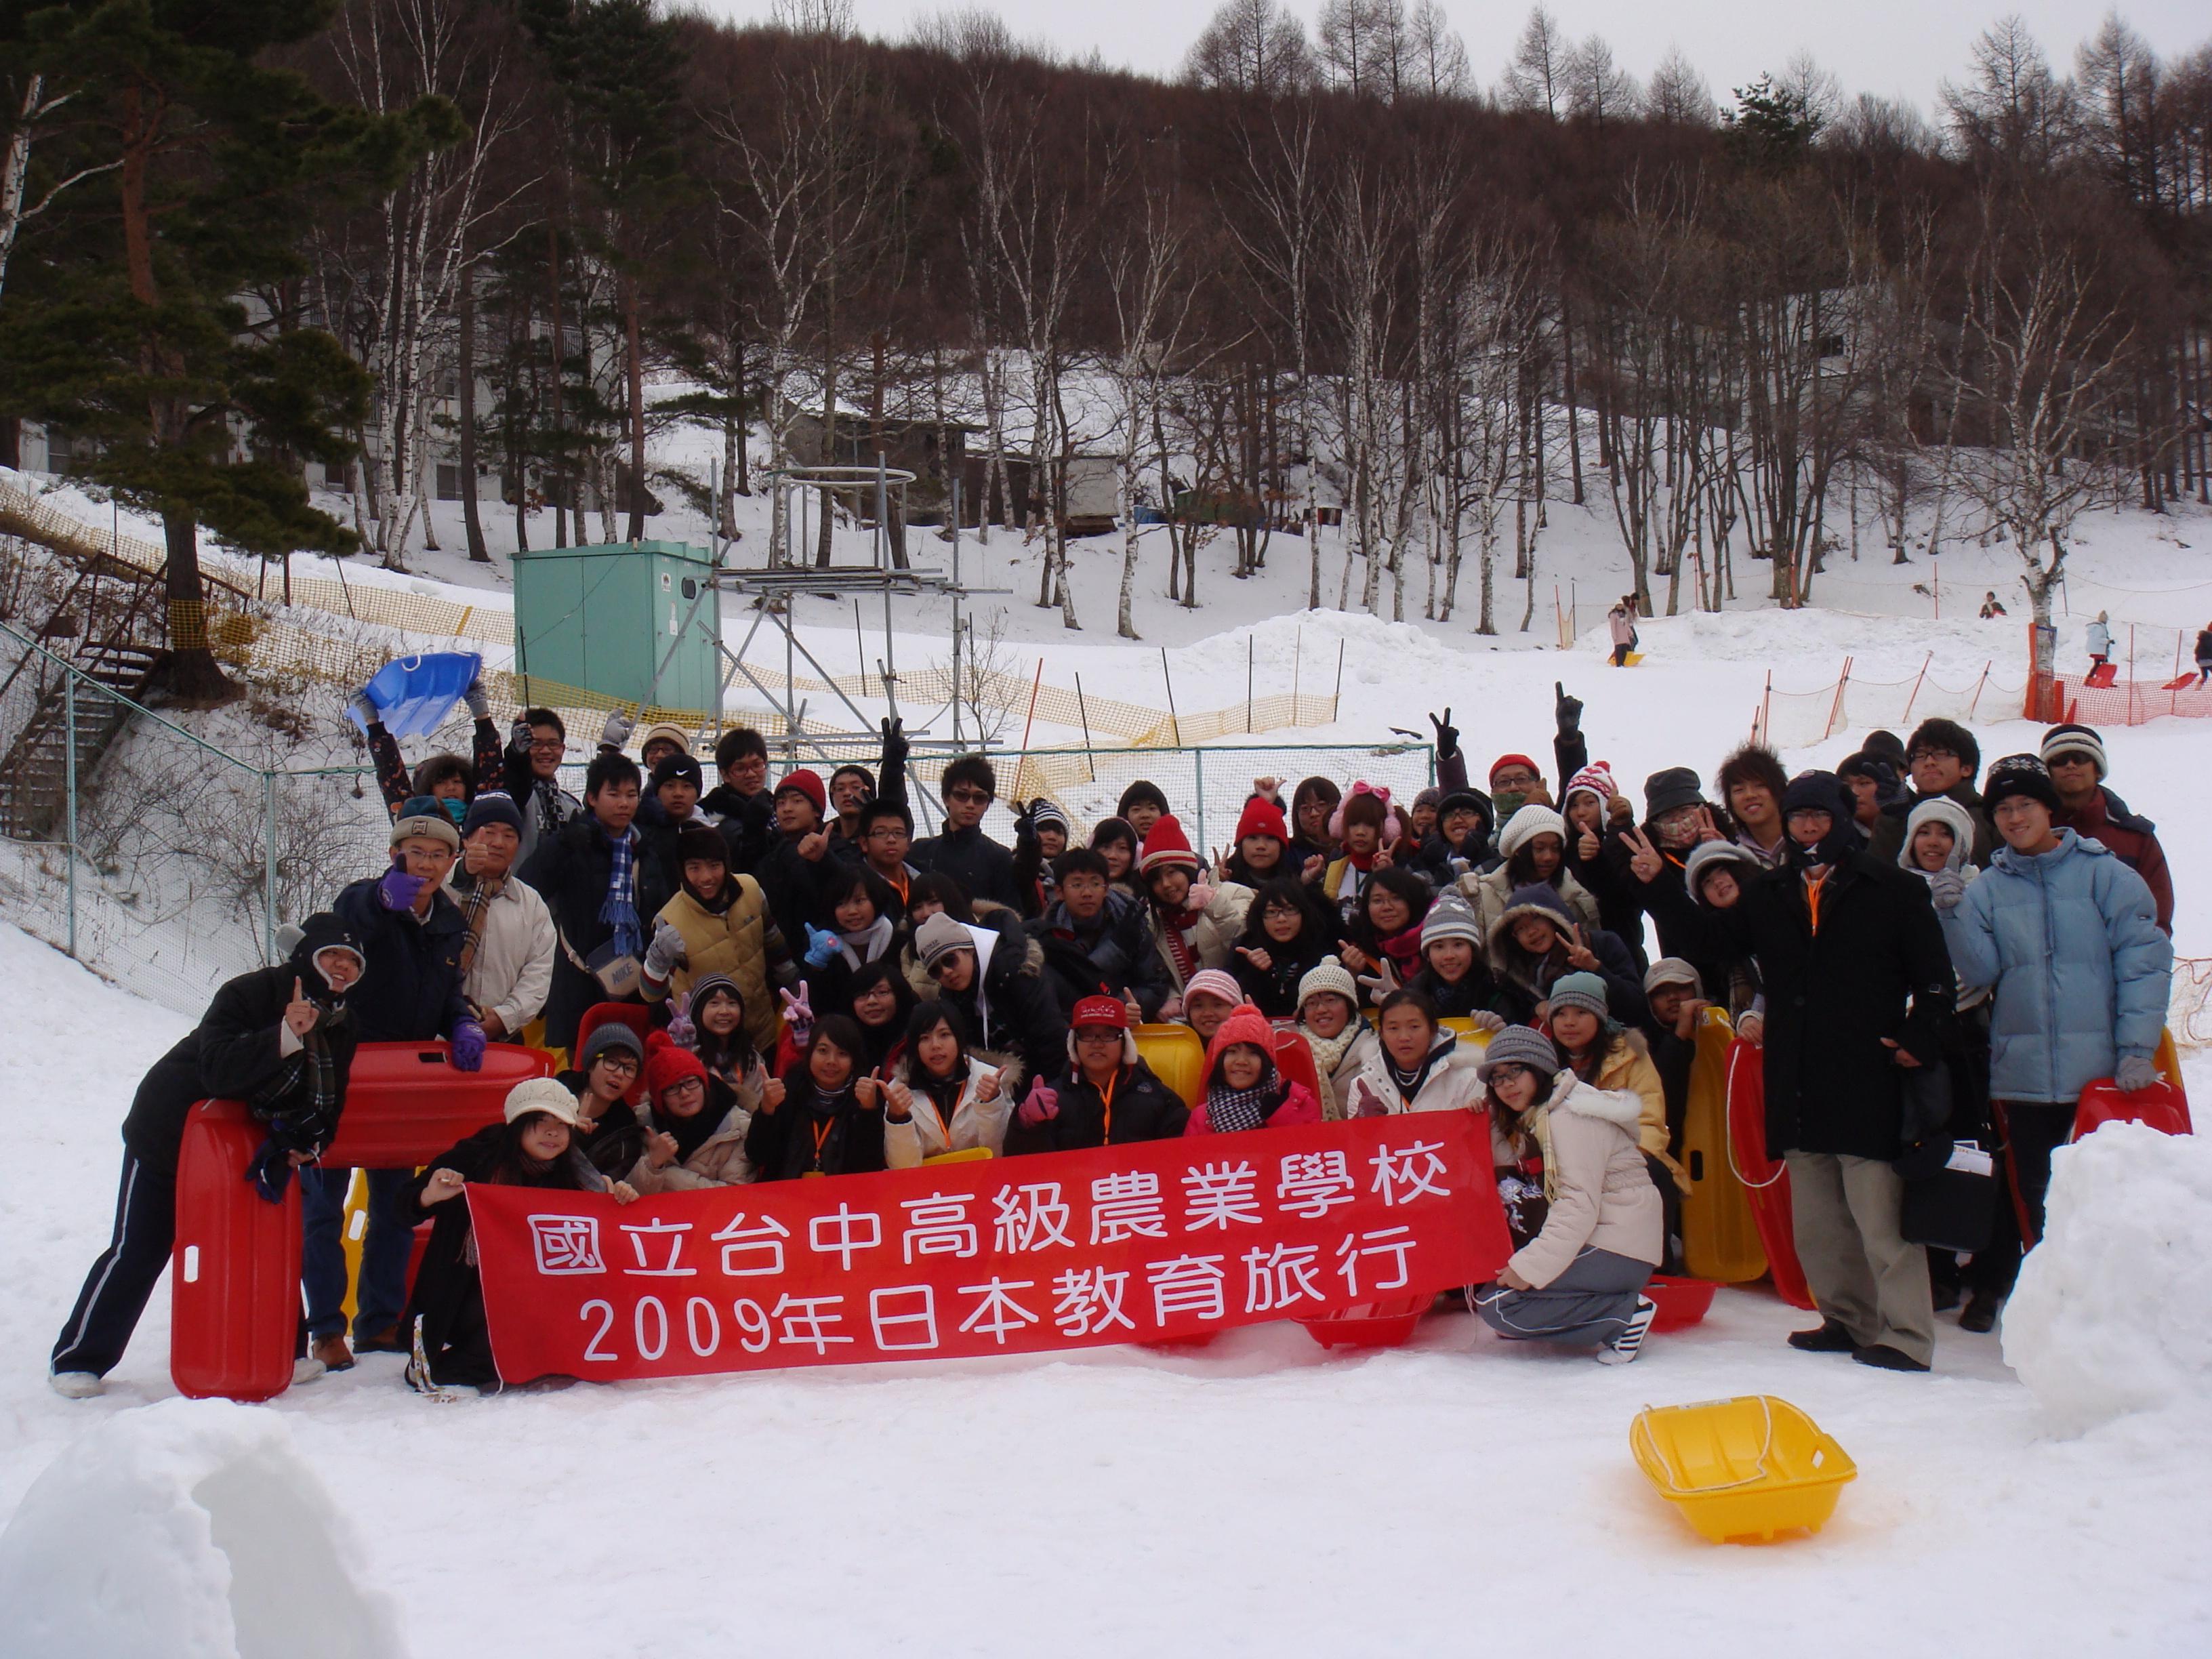 白樺湖滑雪場合影